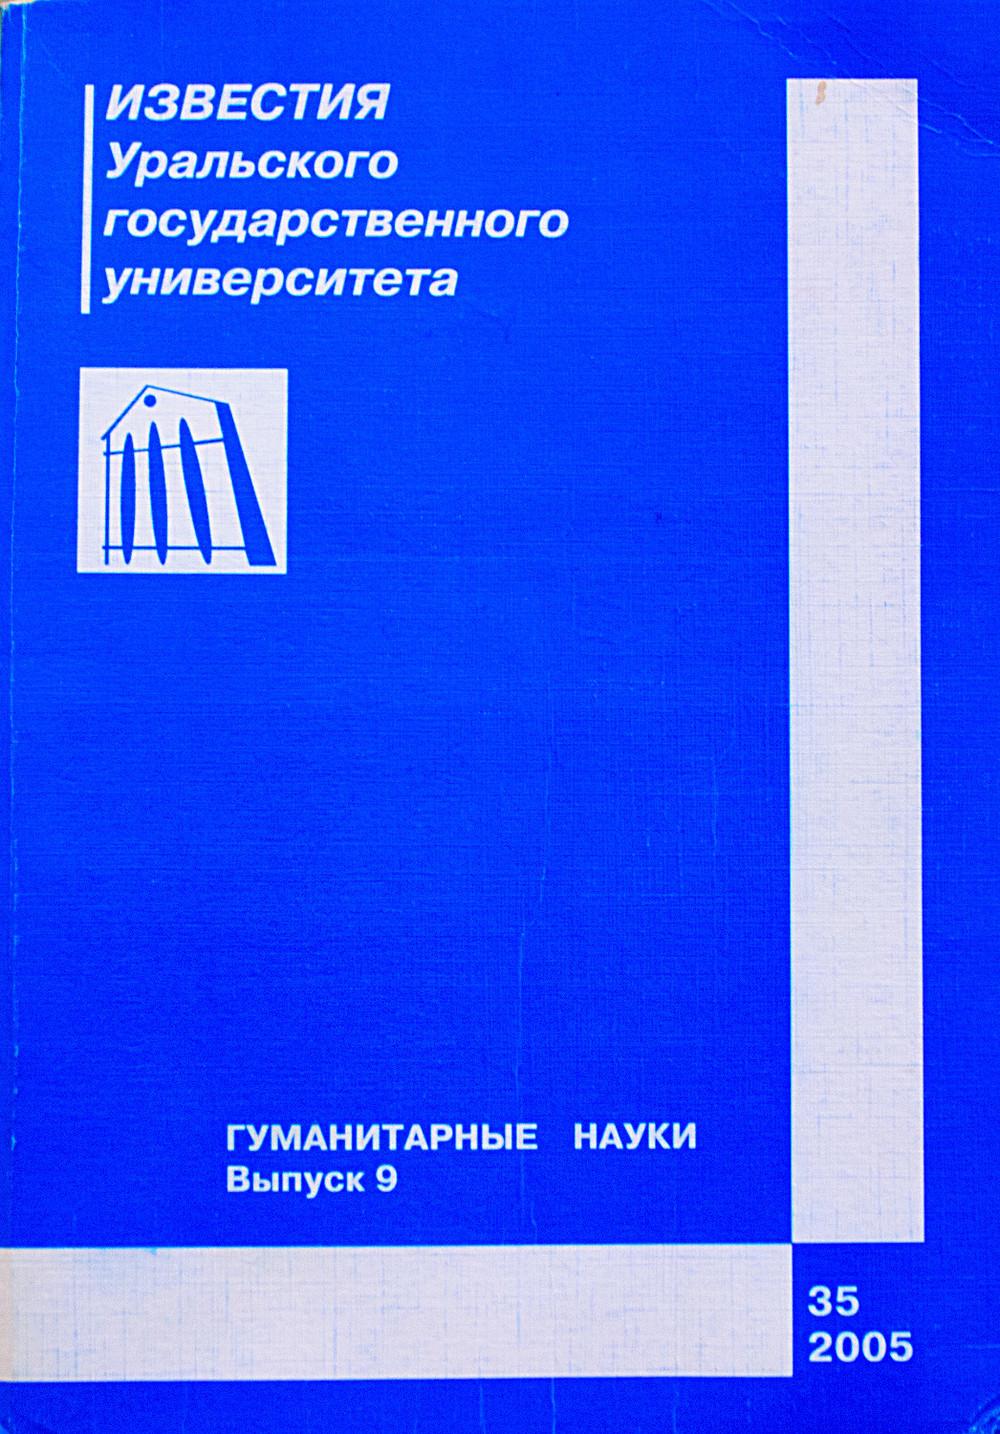 ural-university.jpg